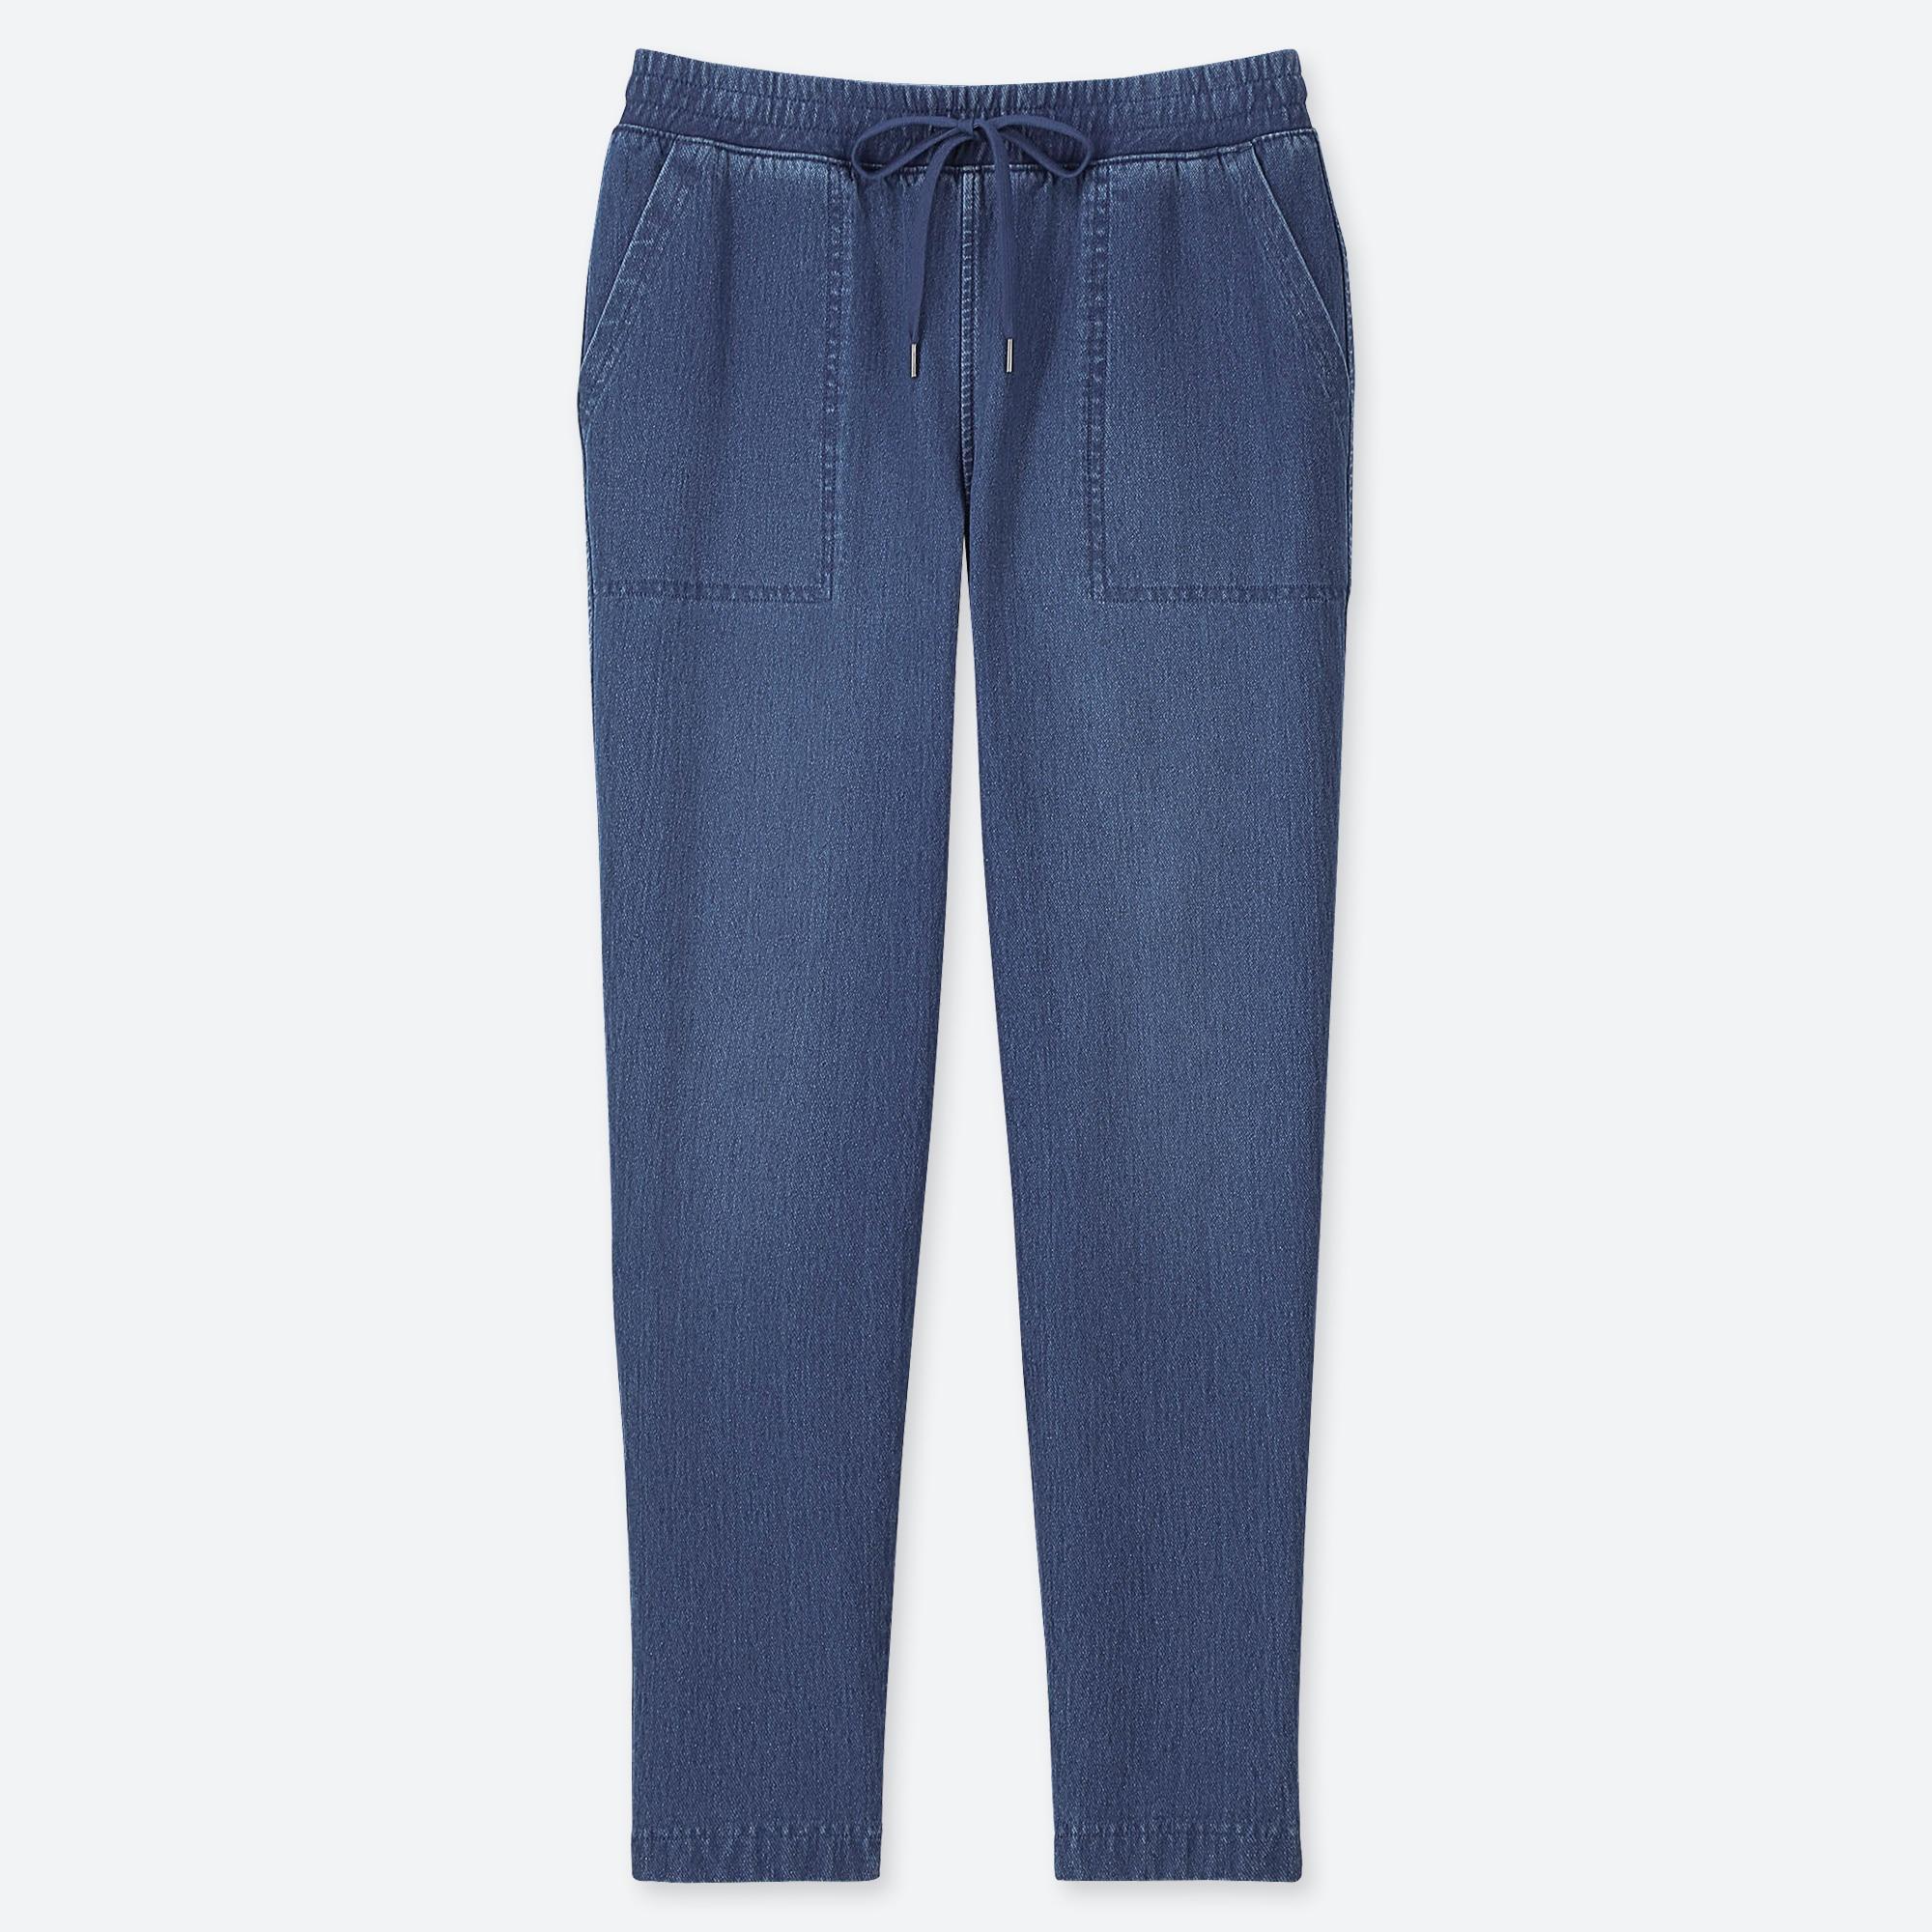 women size 29 jersey jeans